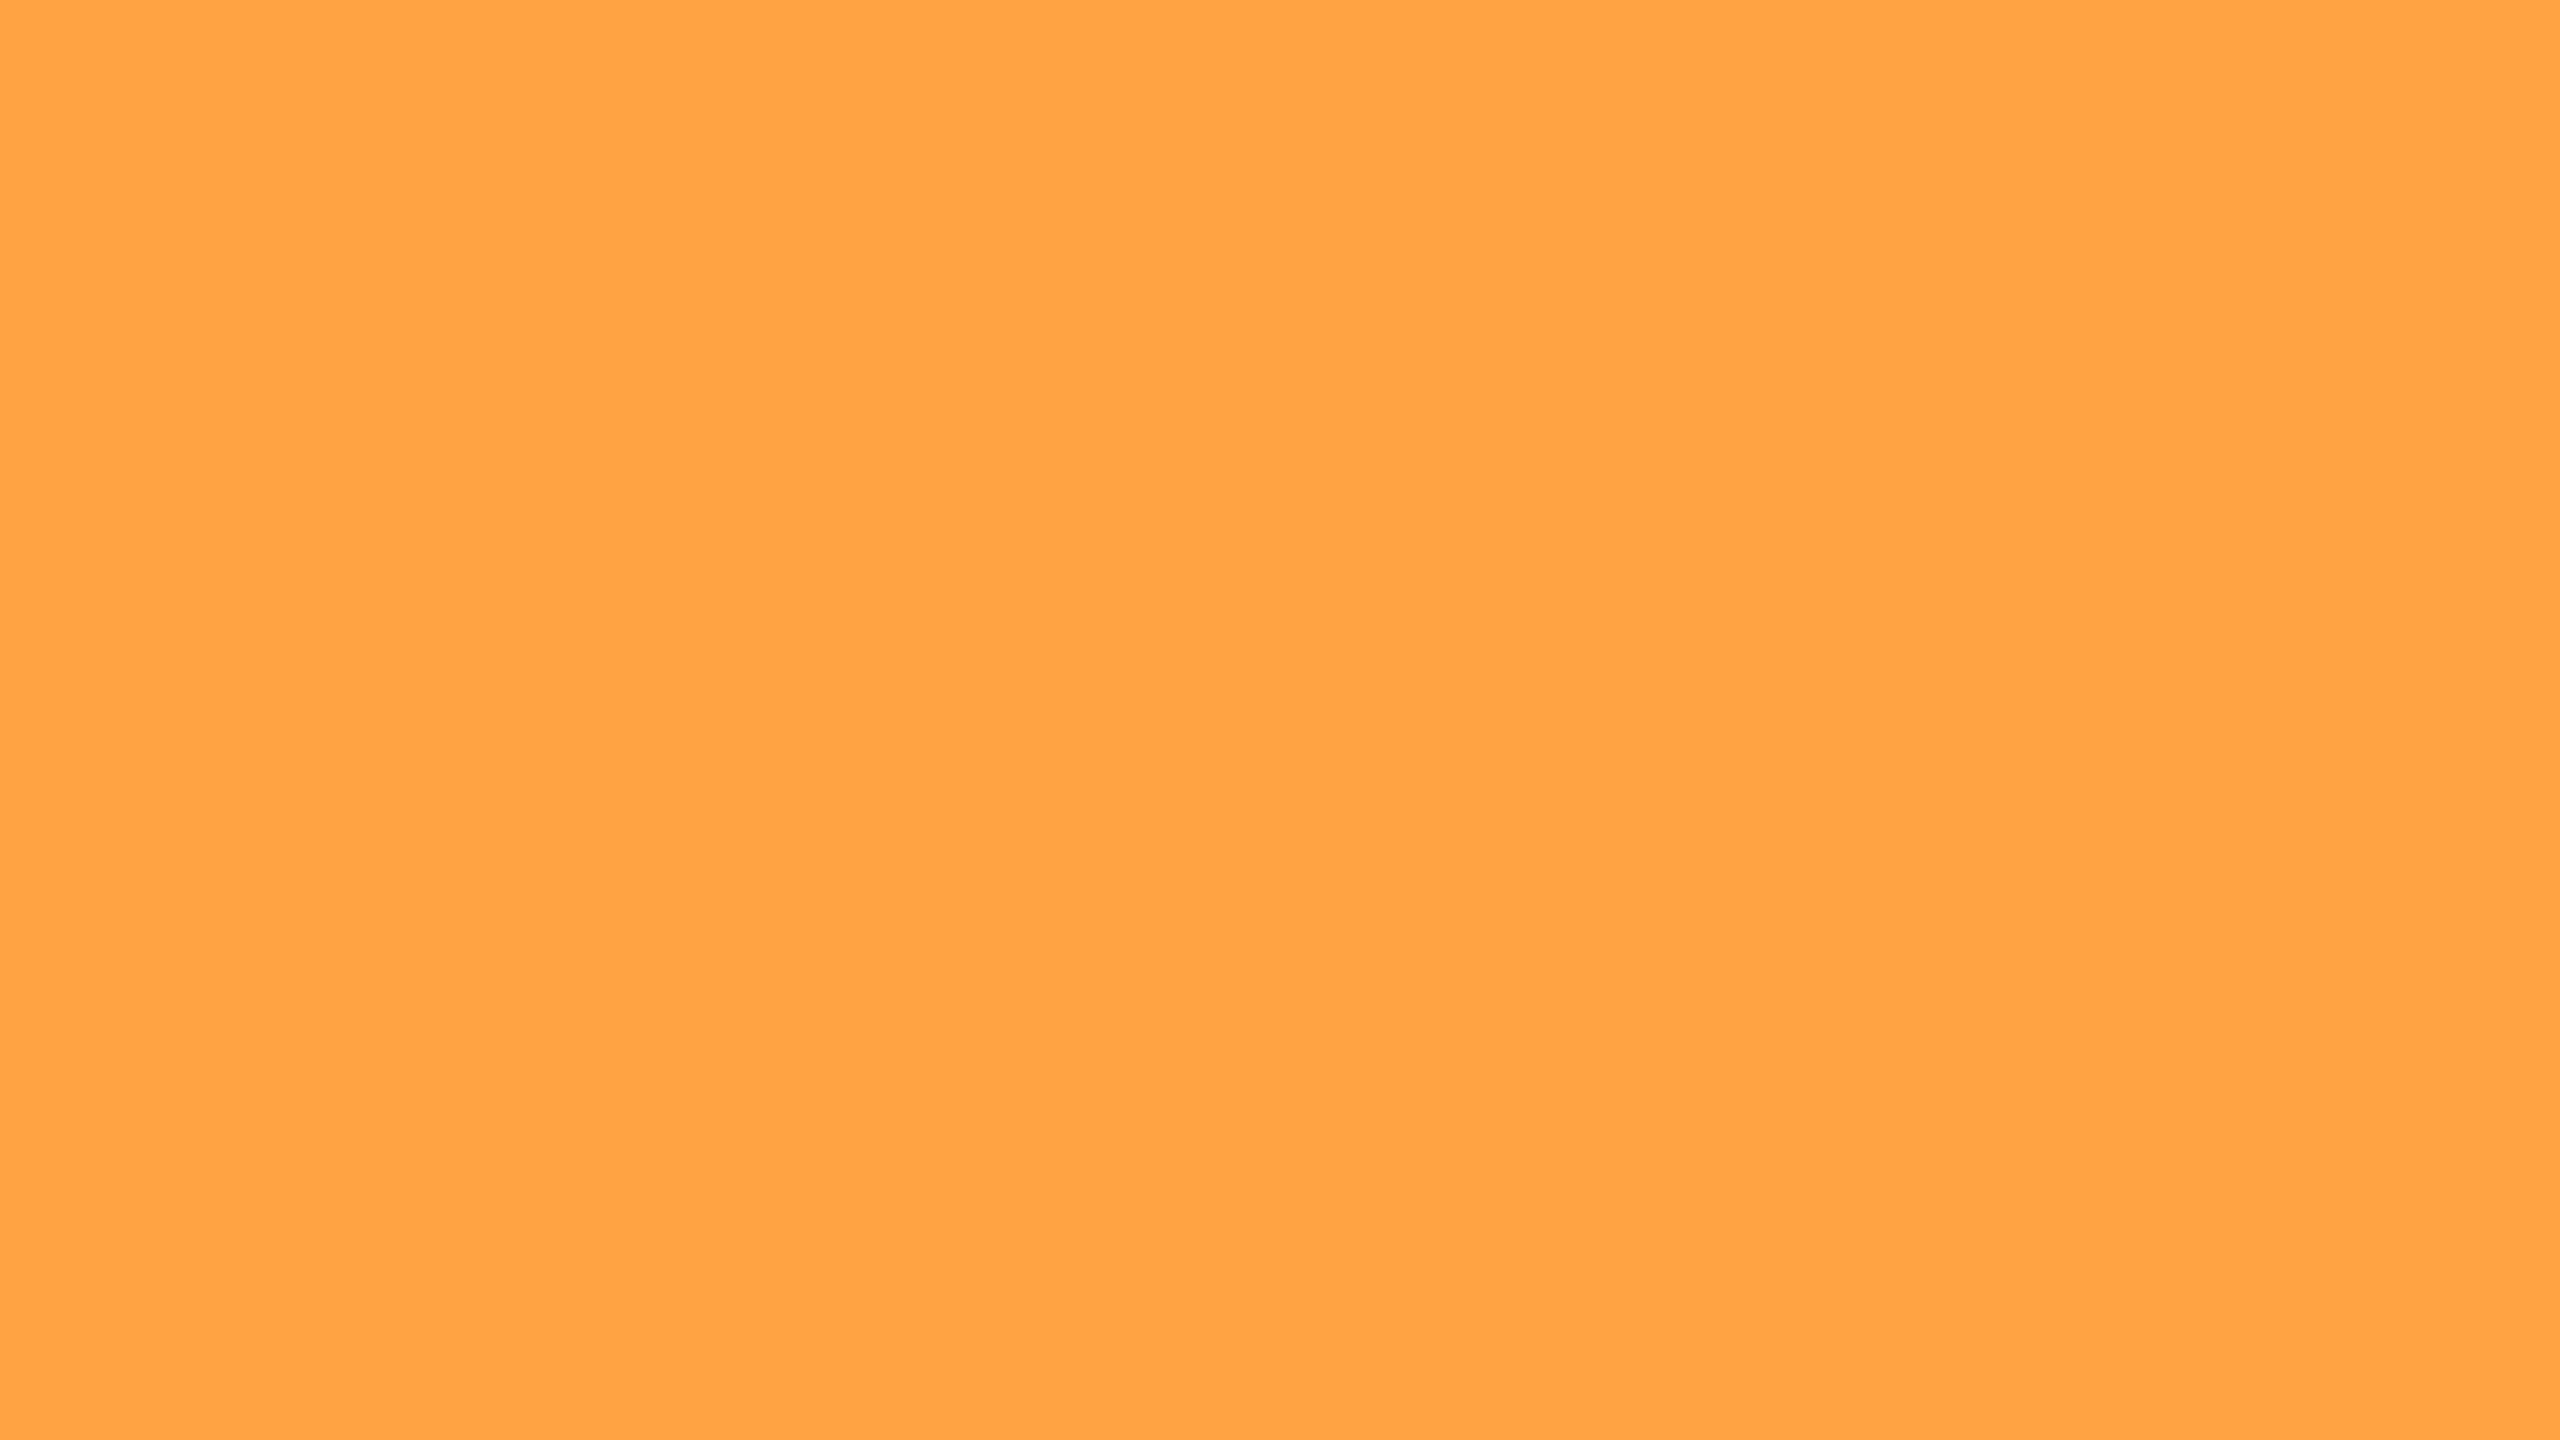 neon orange backgrounds wallpaper cave